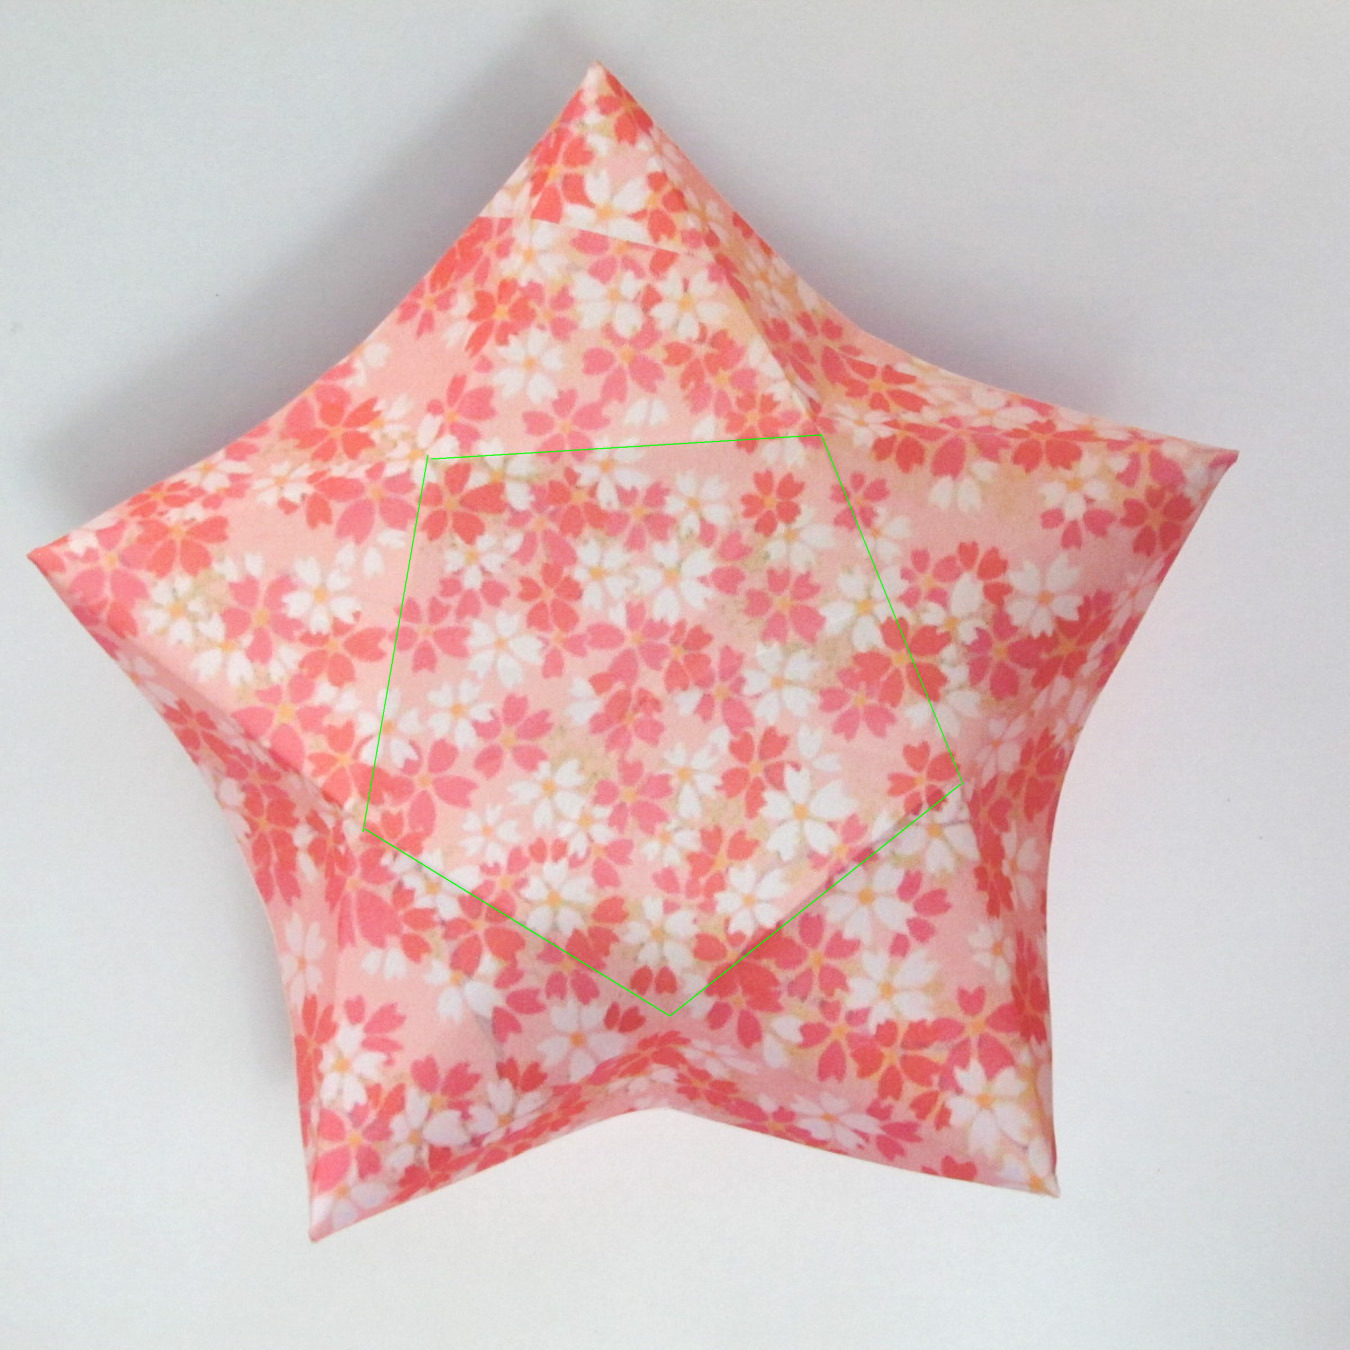 สอนวิธีการพับกระดาษเป็นดอกมะเฟือง (Origami Carambola) 012